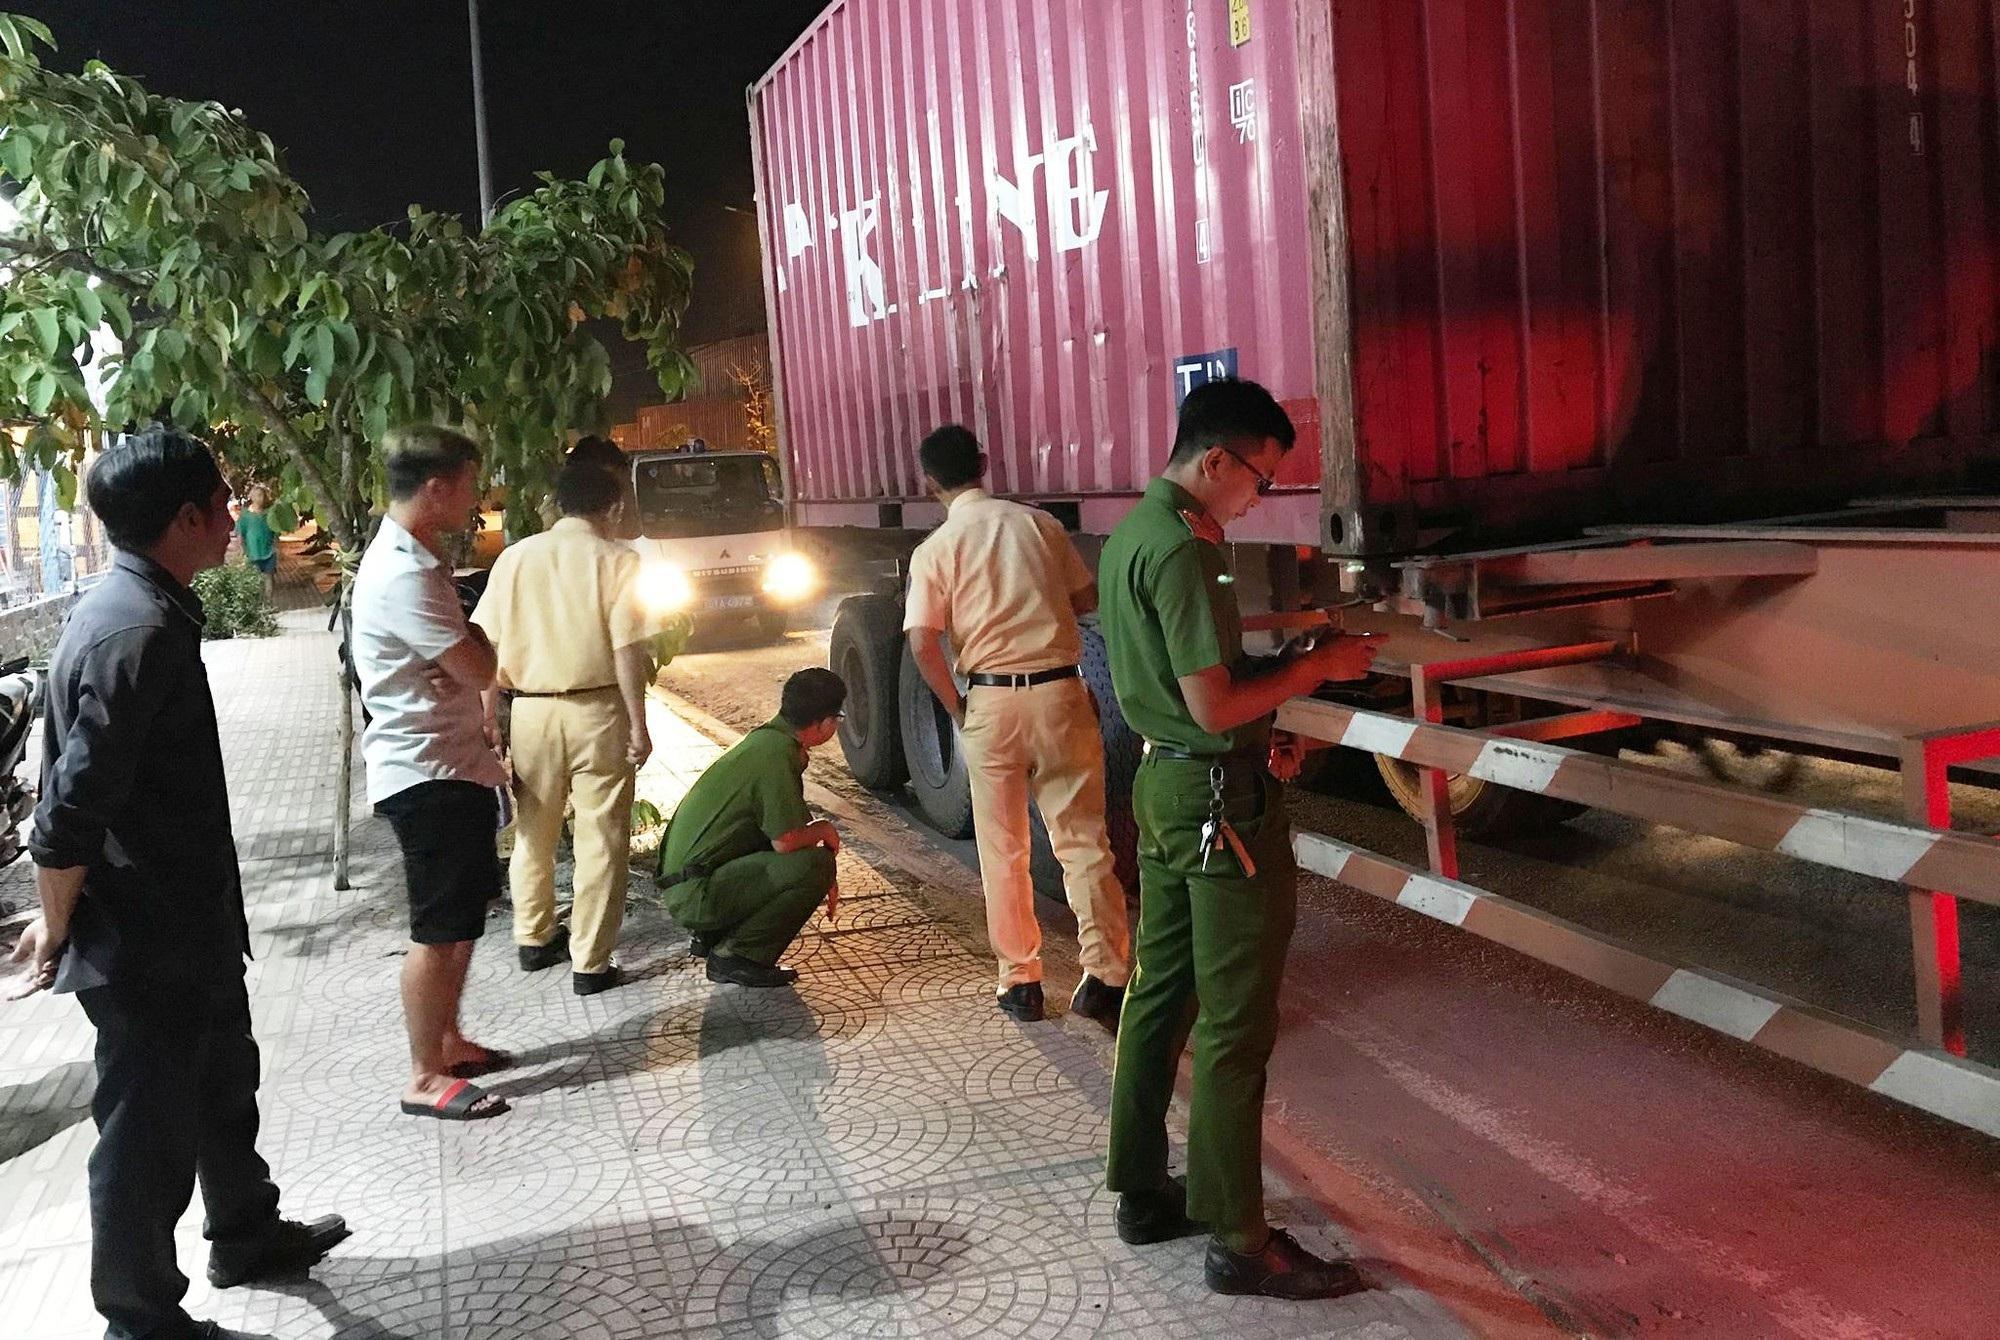 Liên tiếp 2 vụ xe container tông chết người rồi bỏ trốn - Ảnh 3.